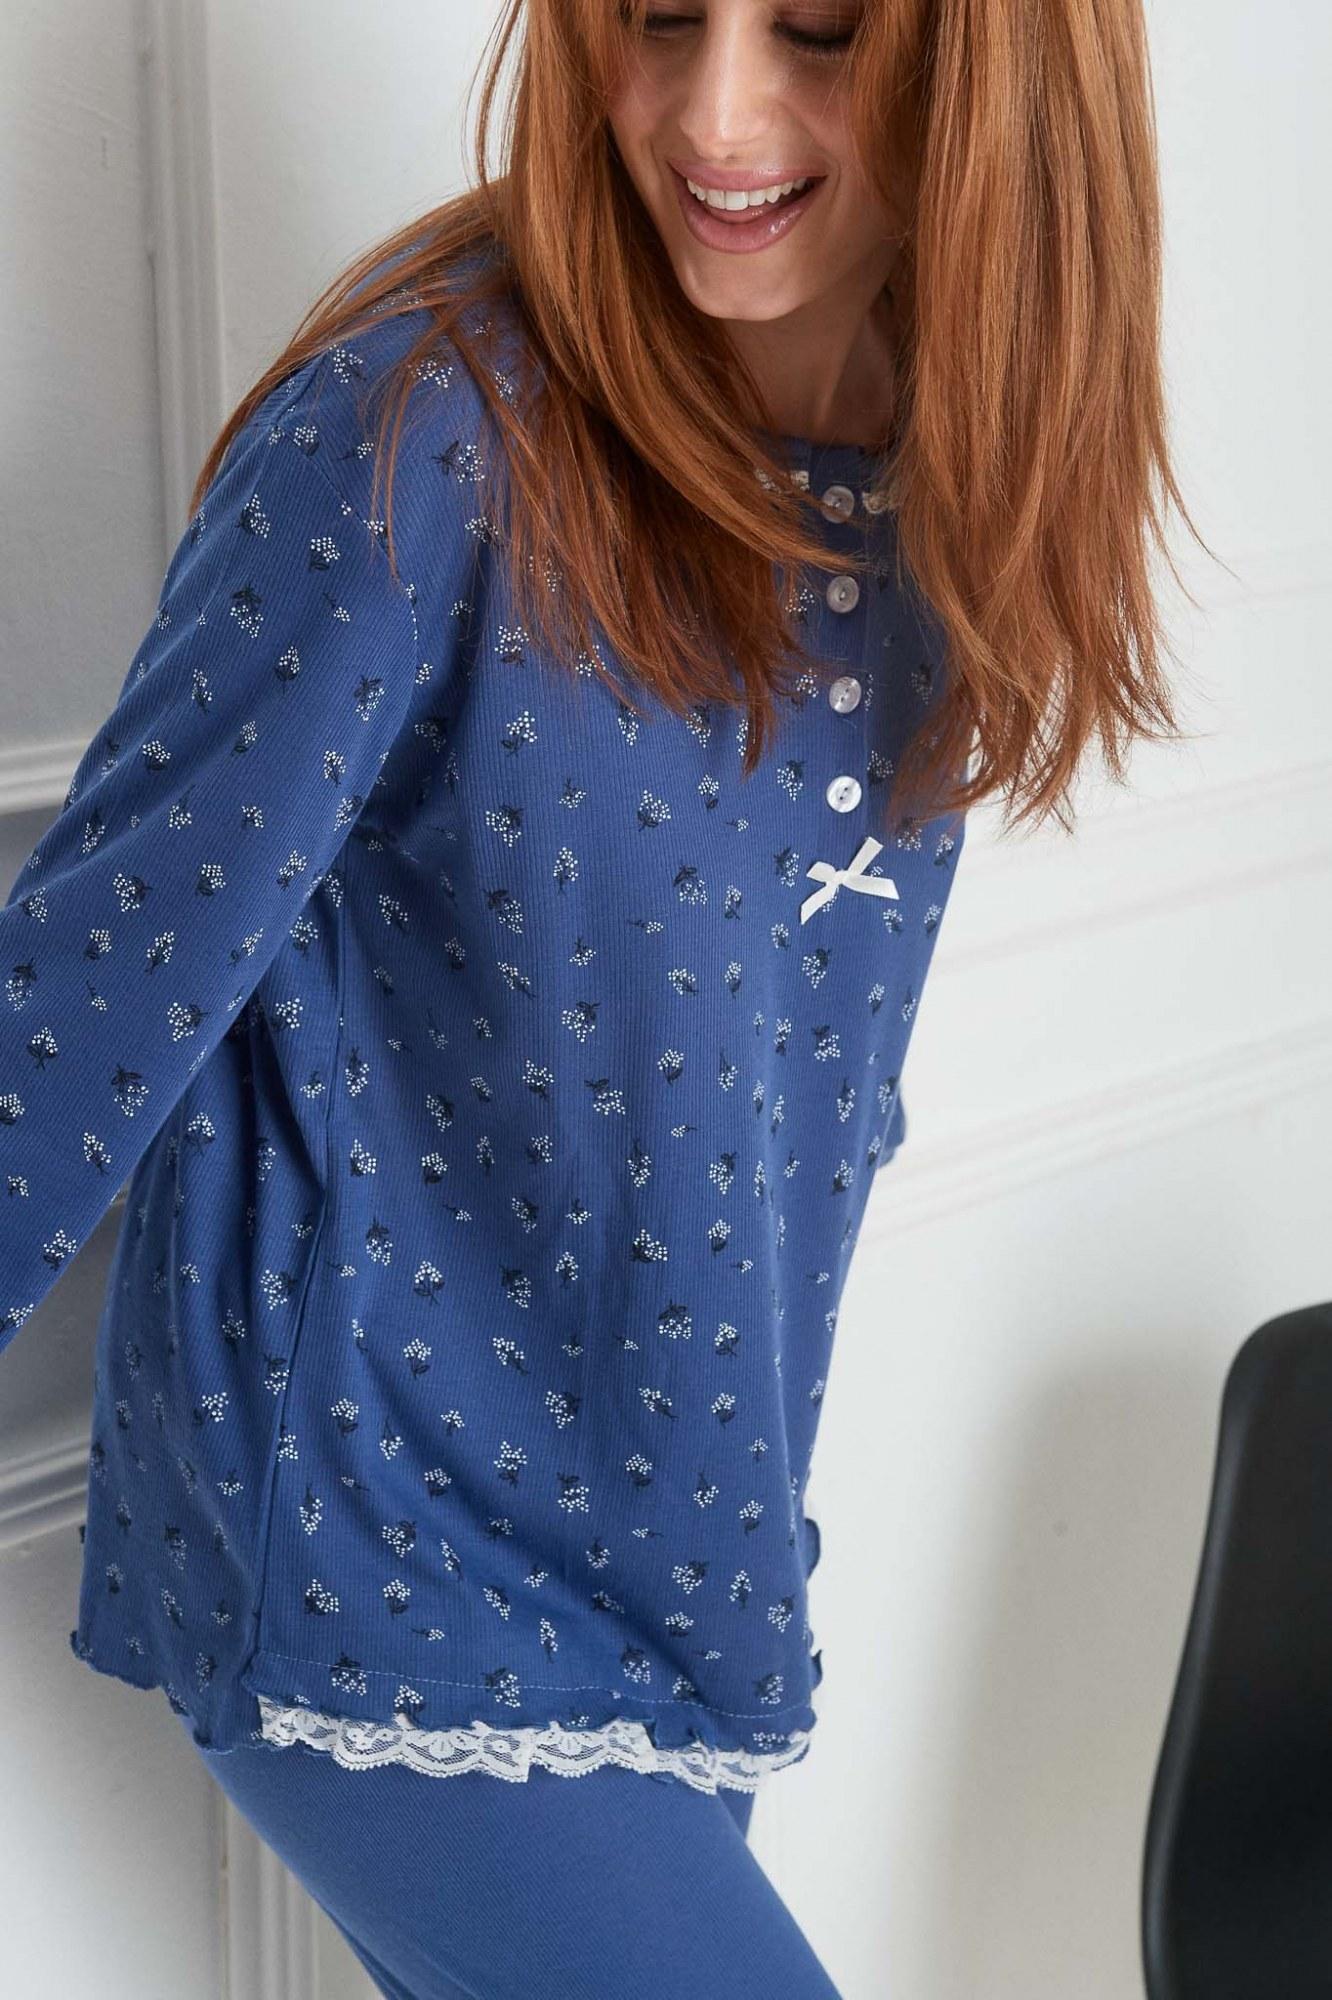 Σετ πυτζάμες μπλε ανθάκια και λάστιχο στο κάτω μέρος